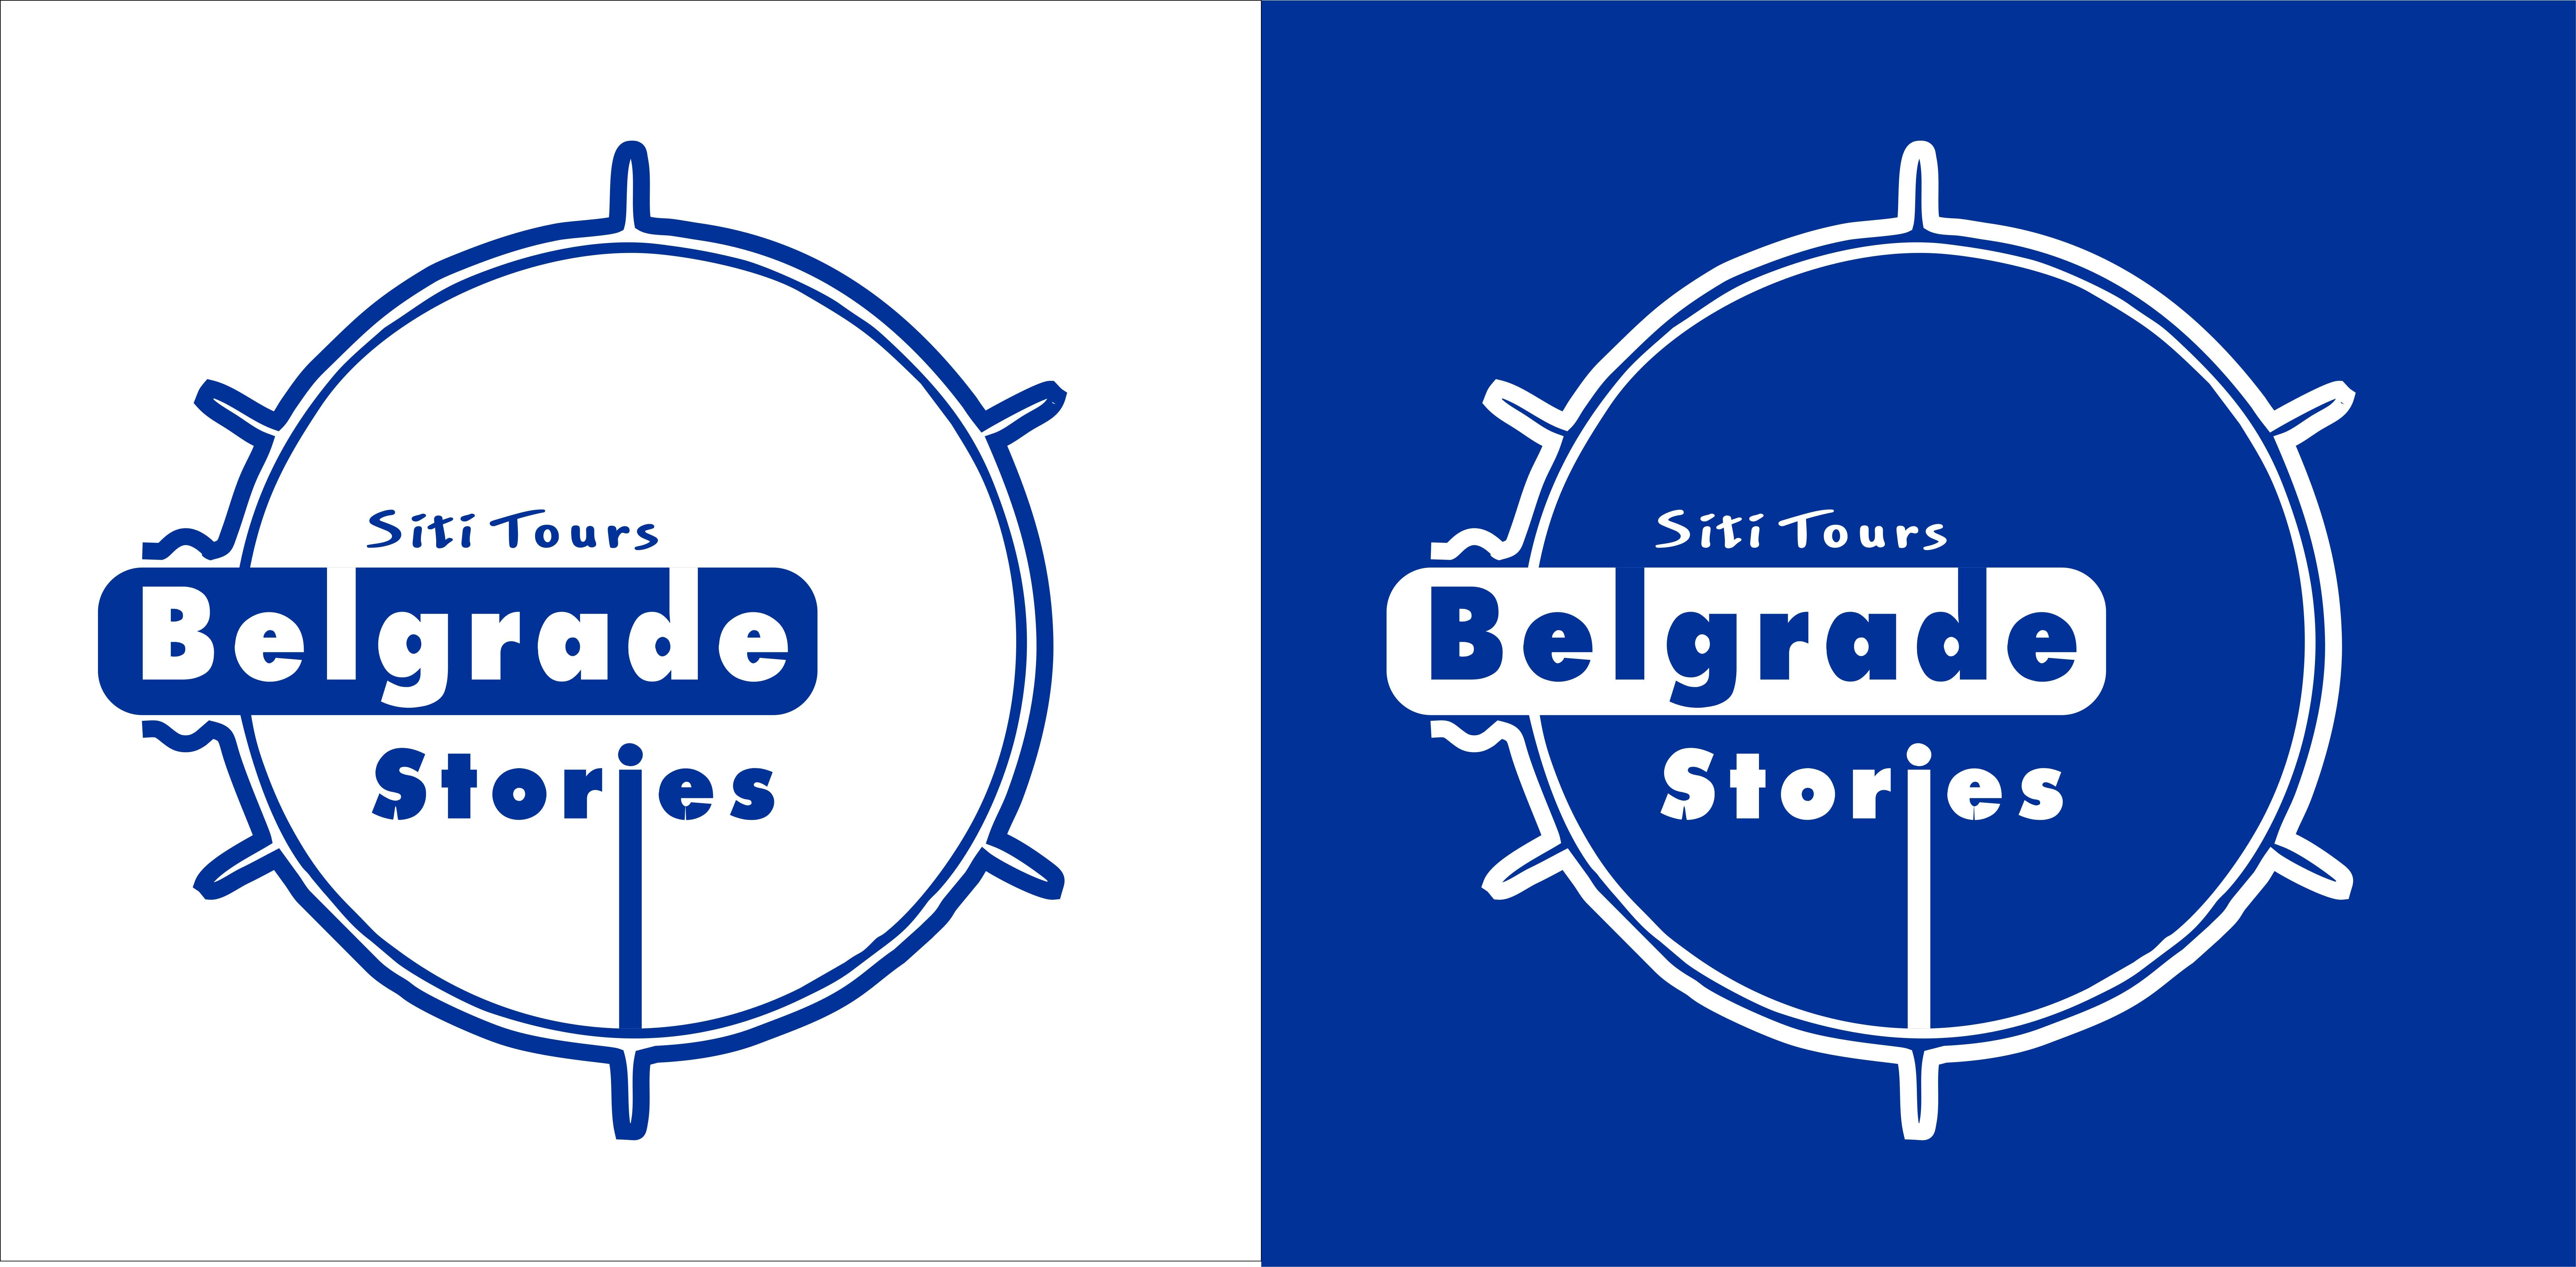 Логотип для агентства городских туров в Белграде фото f_85558985f5a4c0c2.jpg